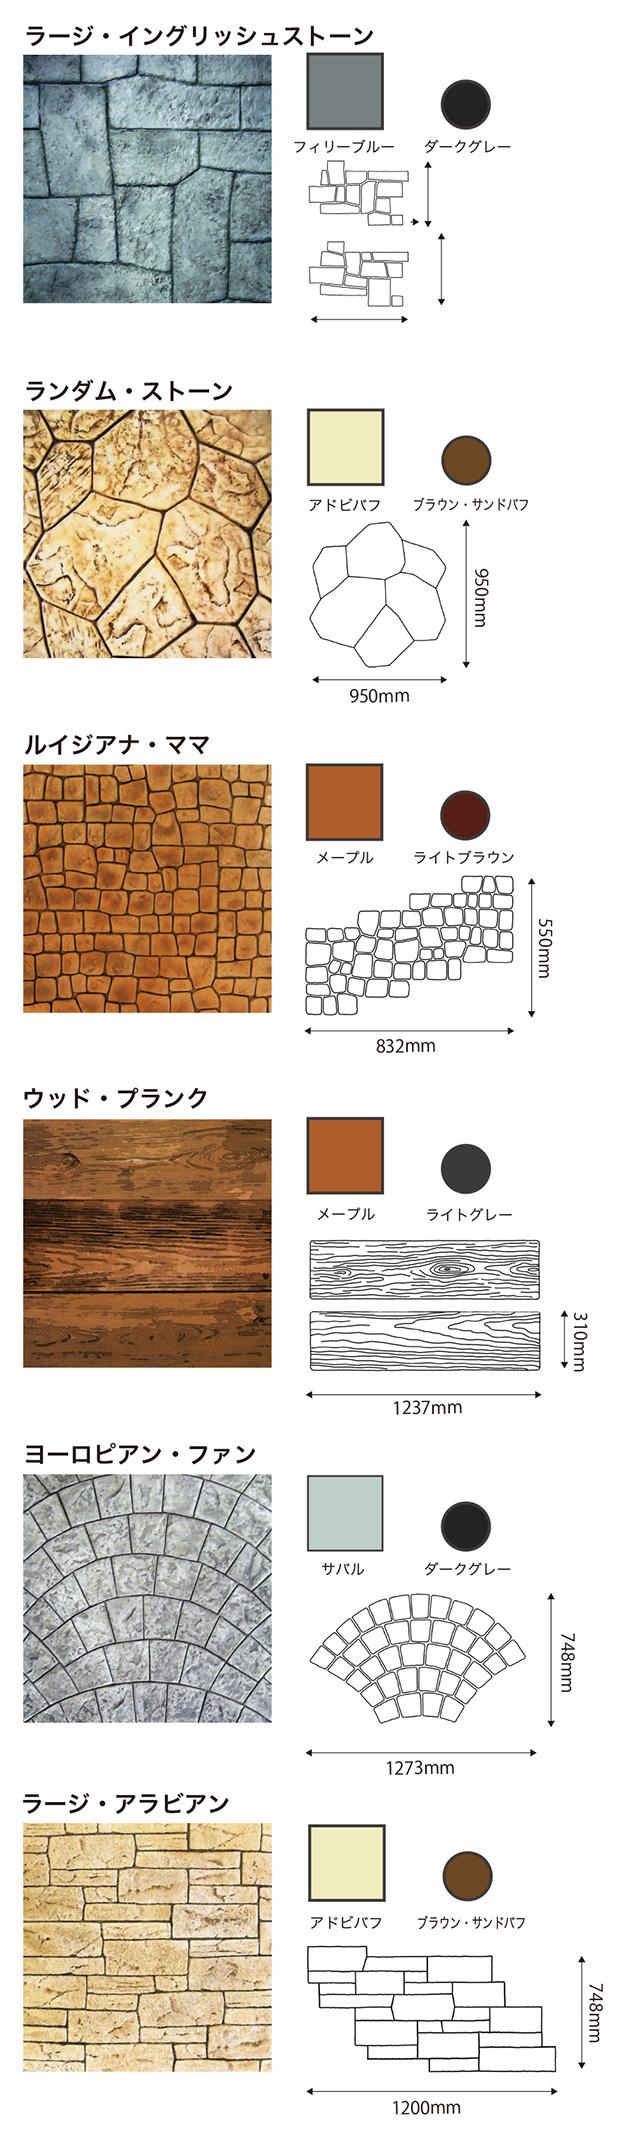 スタンプコンクリートパターンサンプル01